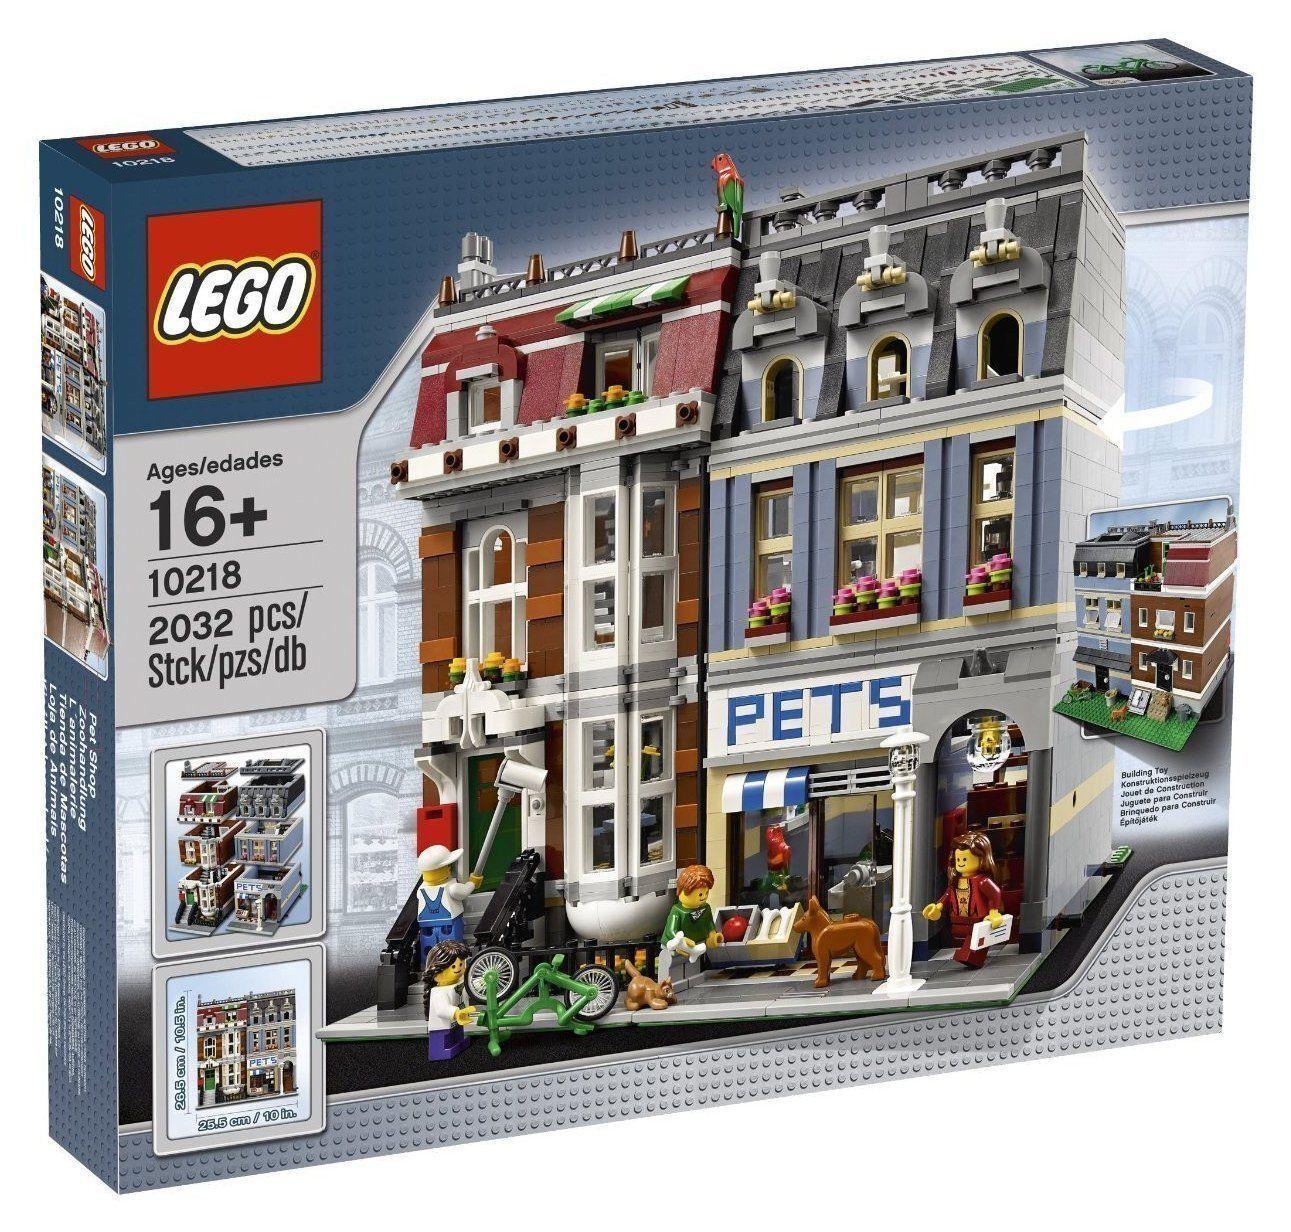 Lego tienda de (10218) New Sealed